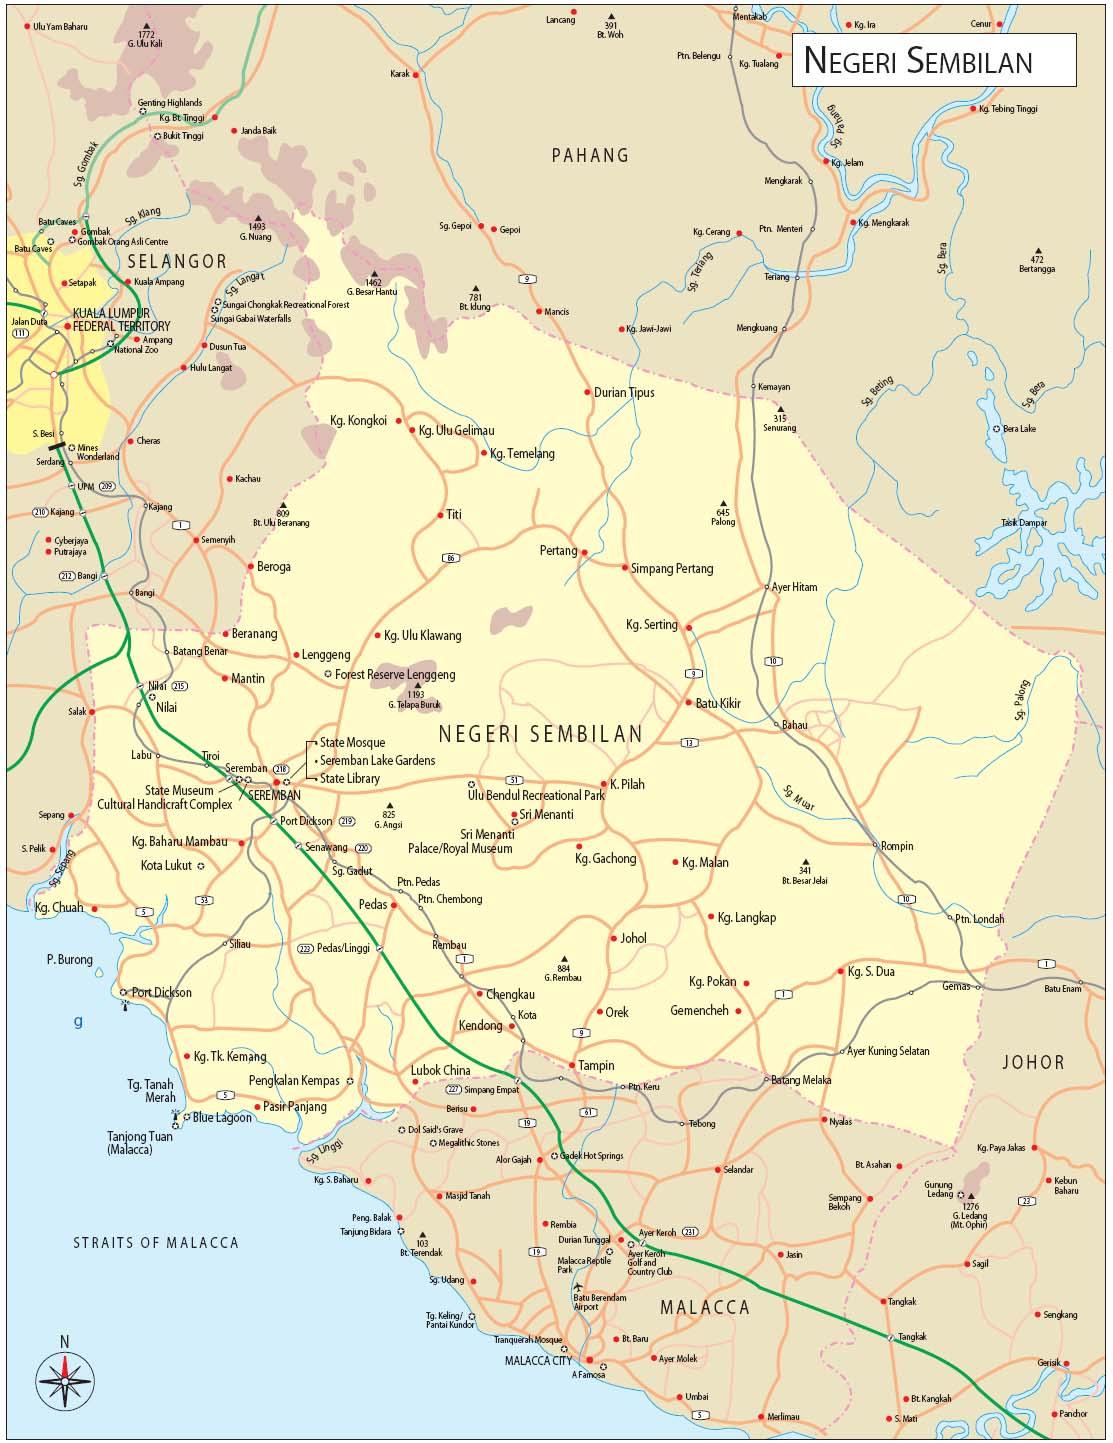 Map of Negeri Sembilan